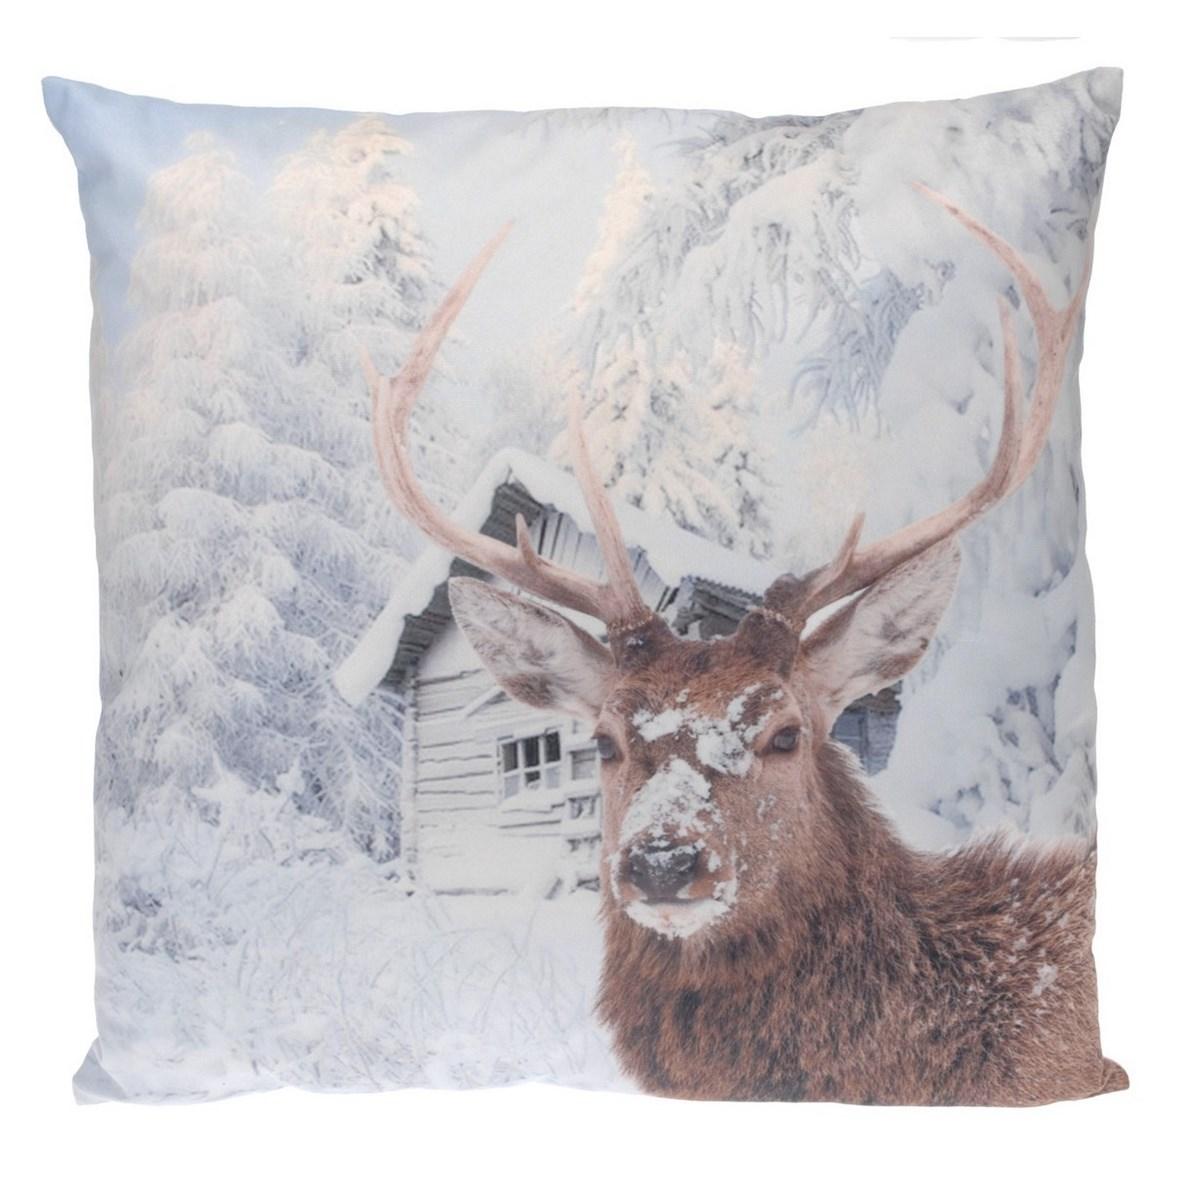 Poduszka dekoracyjna Snow Deer, 45 x 45 cm